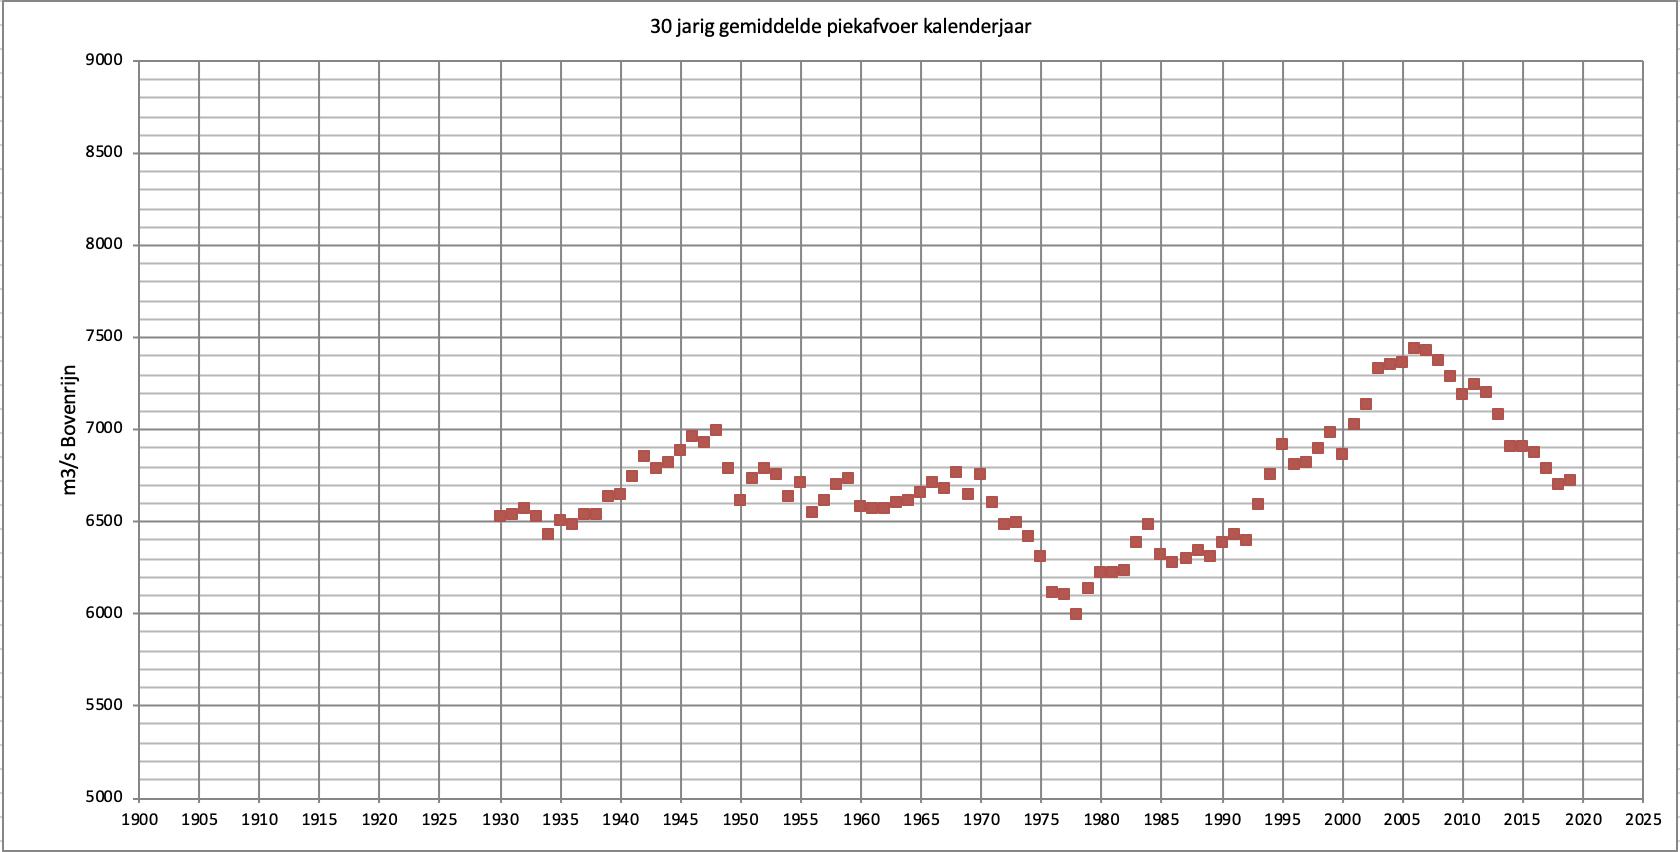 Verloop van het 30 jarig gemiddelde van de jaarlijks hoogste afvoer. De eerste stip staat voor de periode 1901-1930, de laatste voor de periode 1990-2019